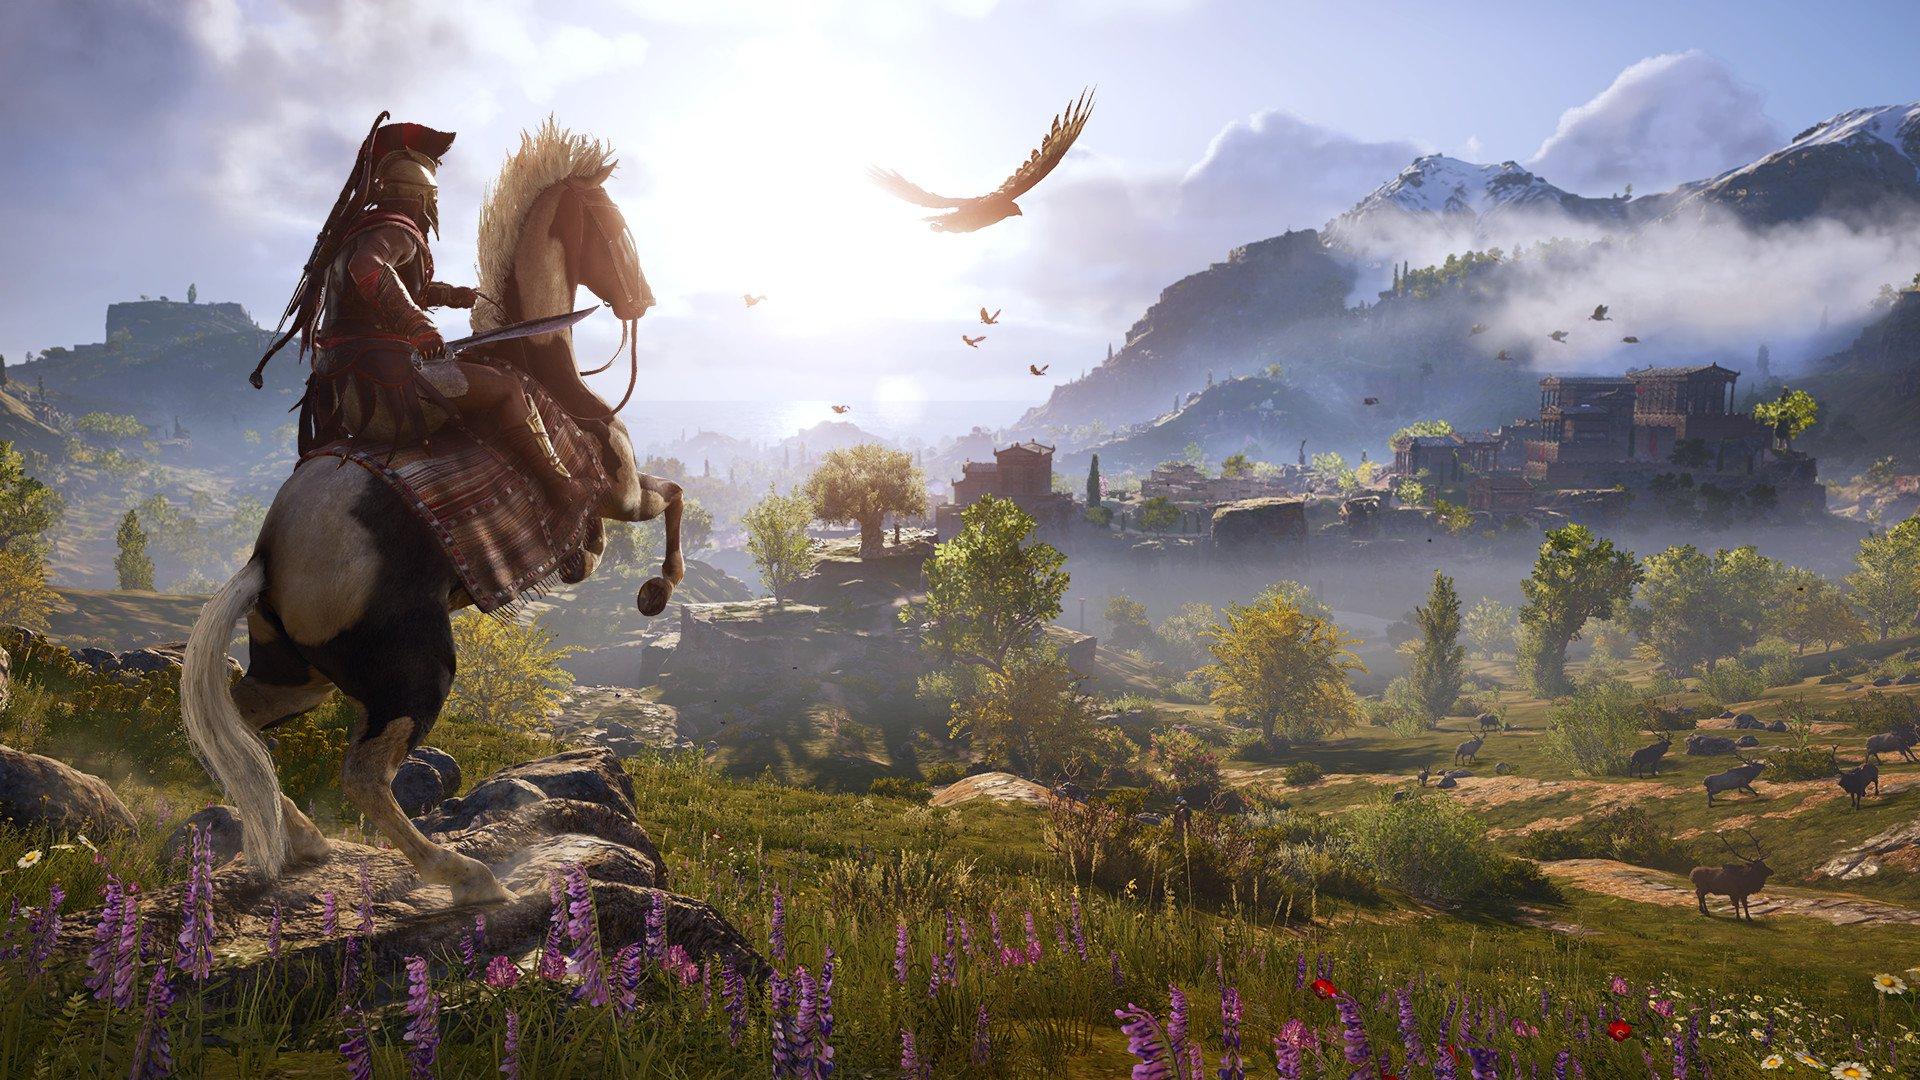 迄今为止游戏中最大的开放世界是哪一个?